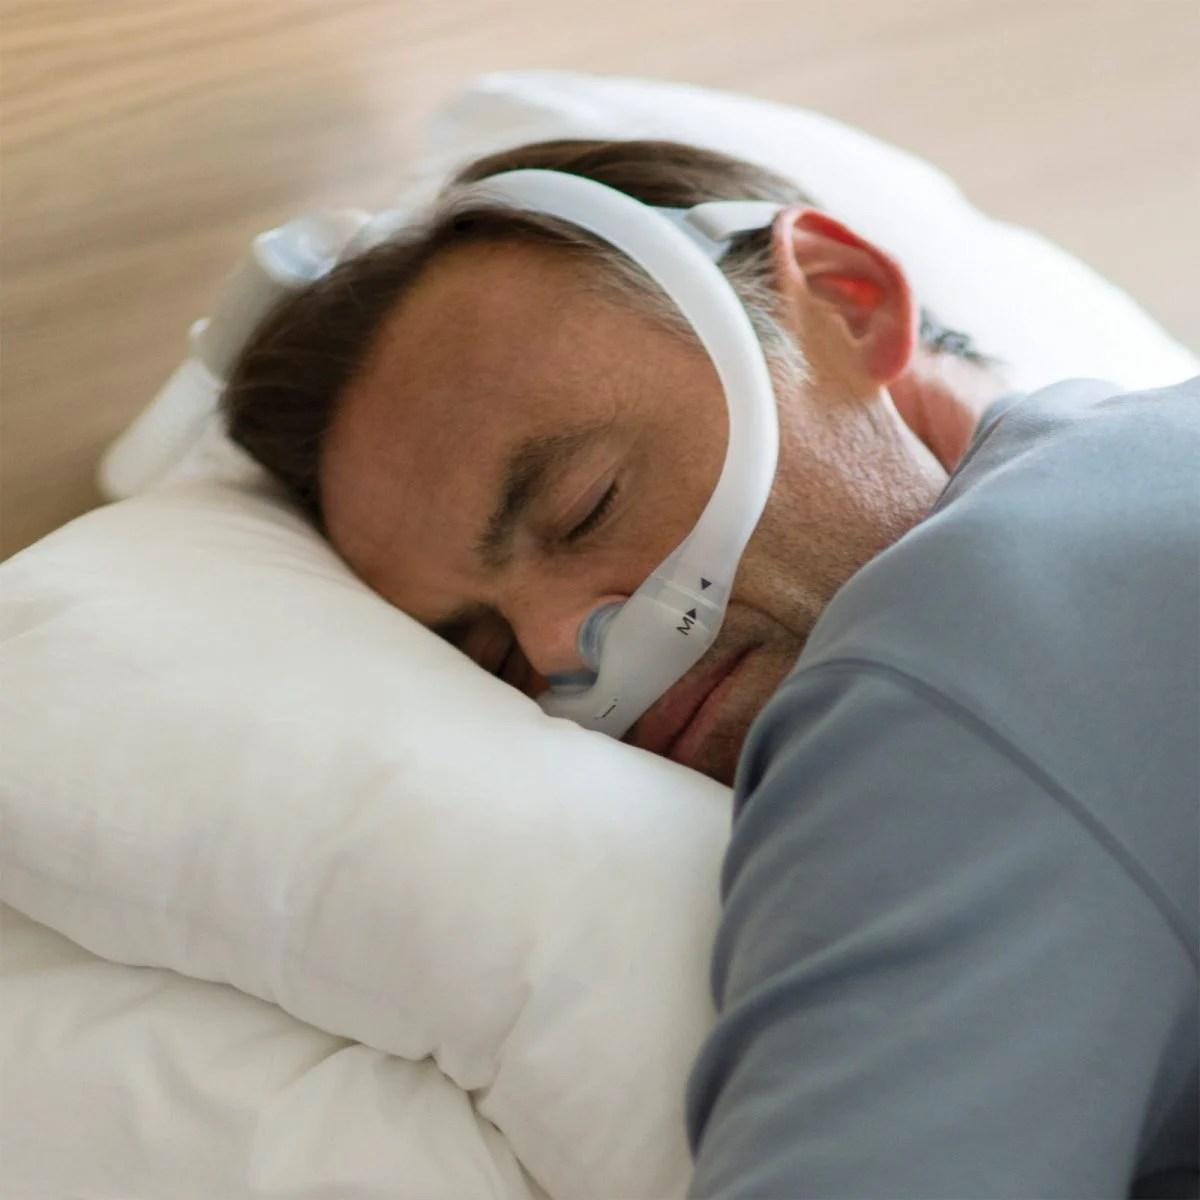 dreamwear gel nasal pillows mask fitpack